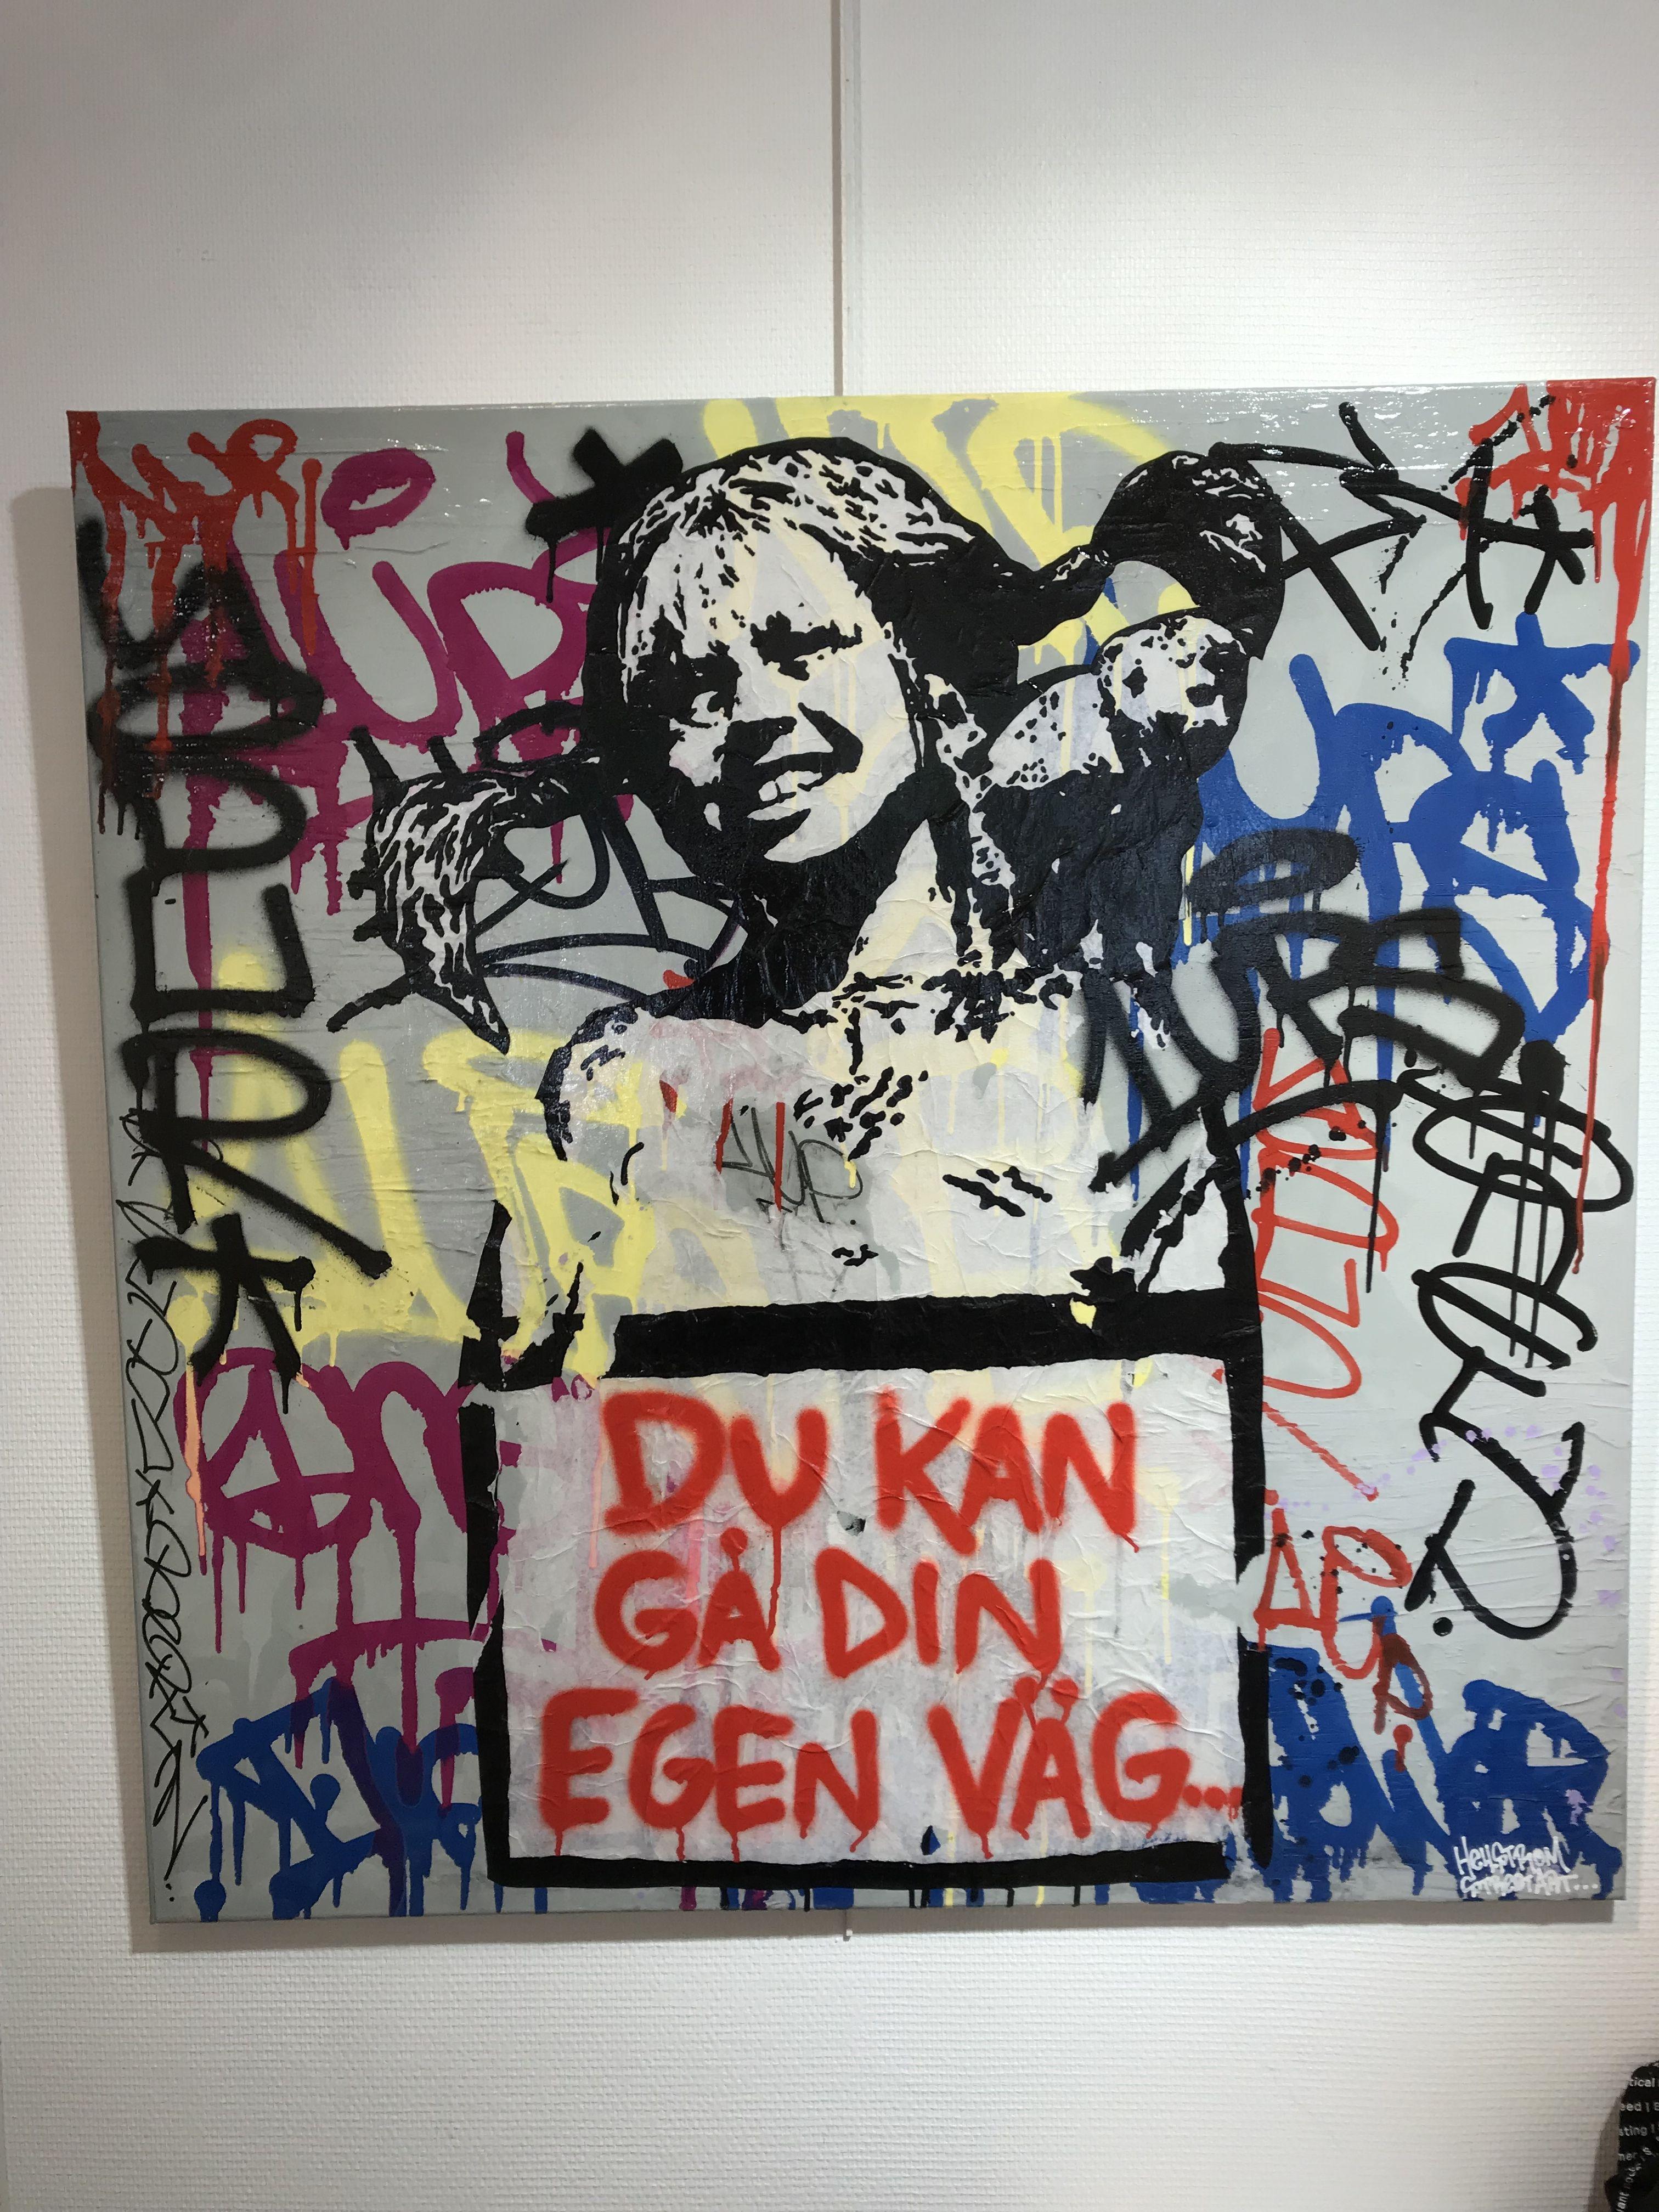 hellström street art